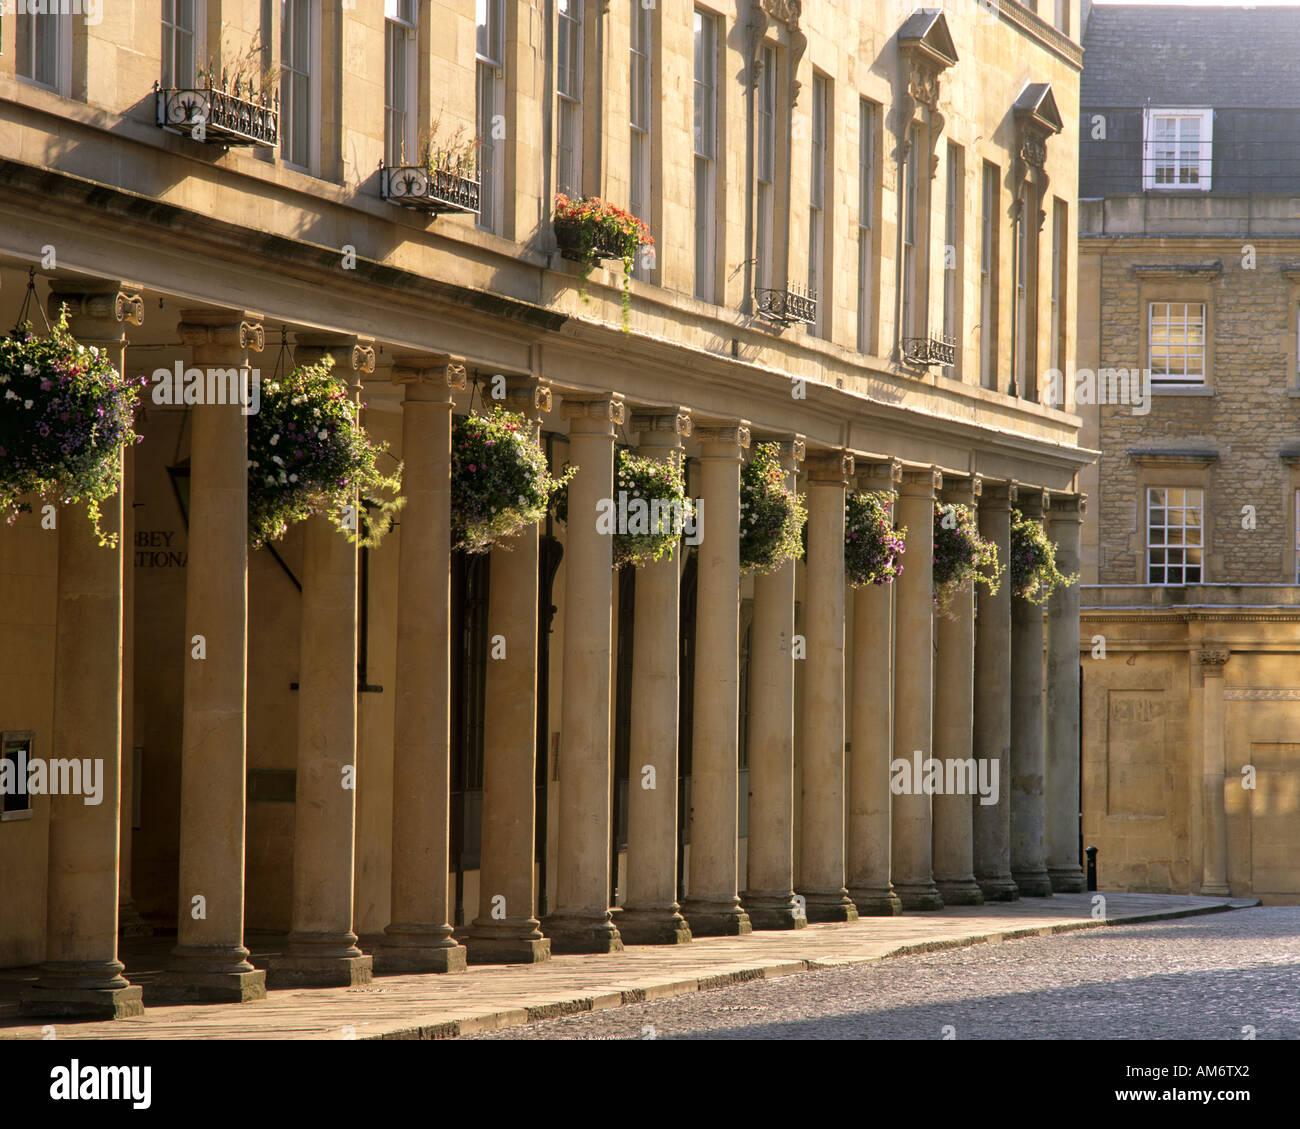 GB - SOMERSET: Bath Street Details in die Stadt Bath Stockbild